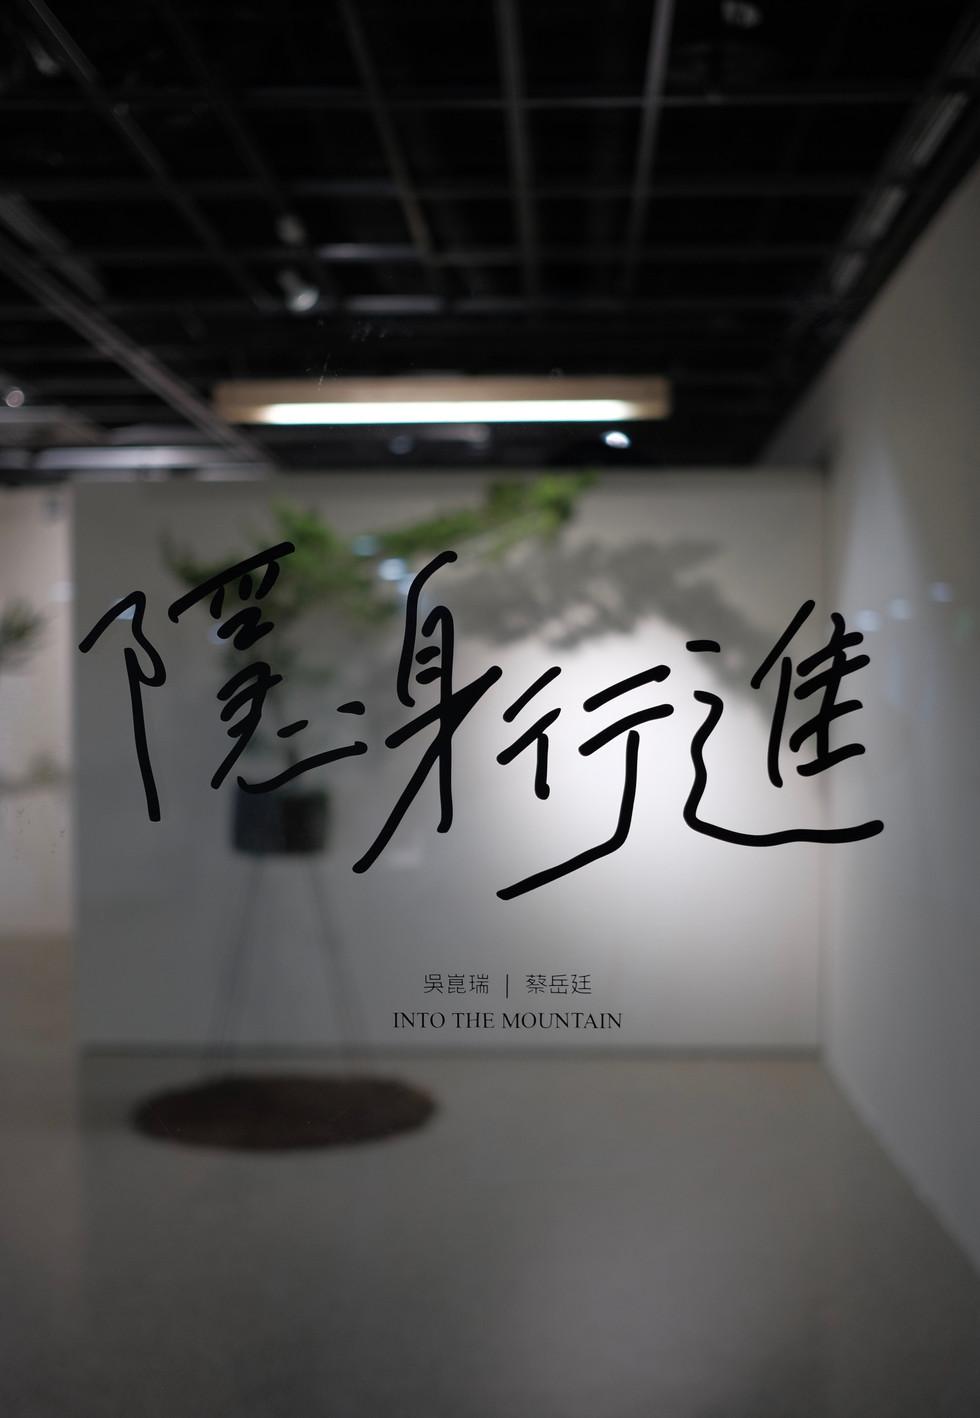 吳崑瑞 蔡岳廷 / 隱身行進 - 策展